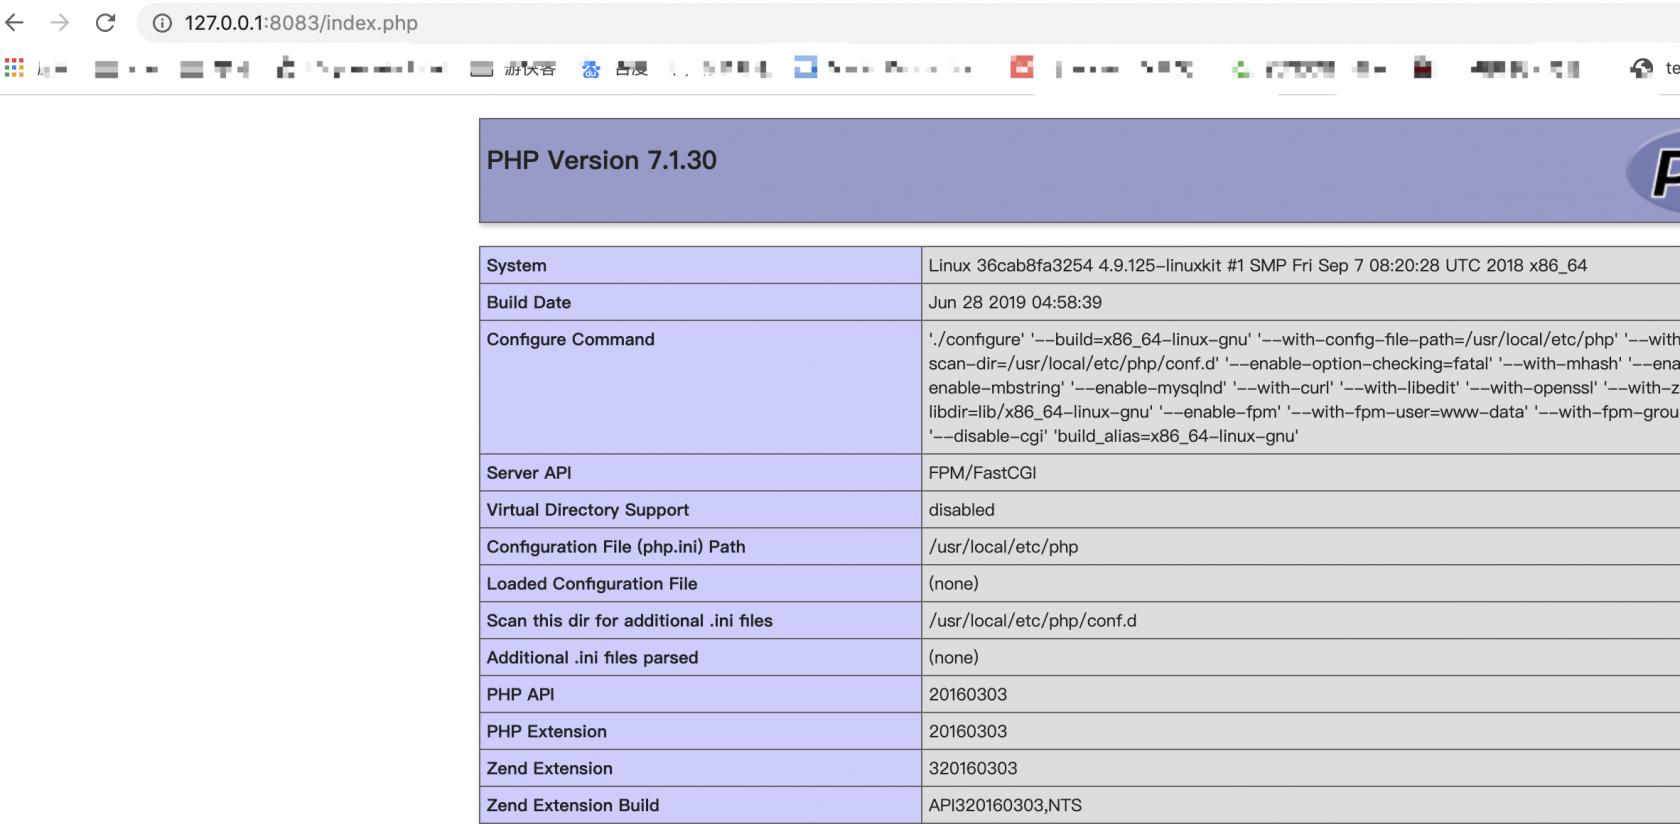 macOS docker/laradock 安装与使用